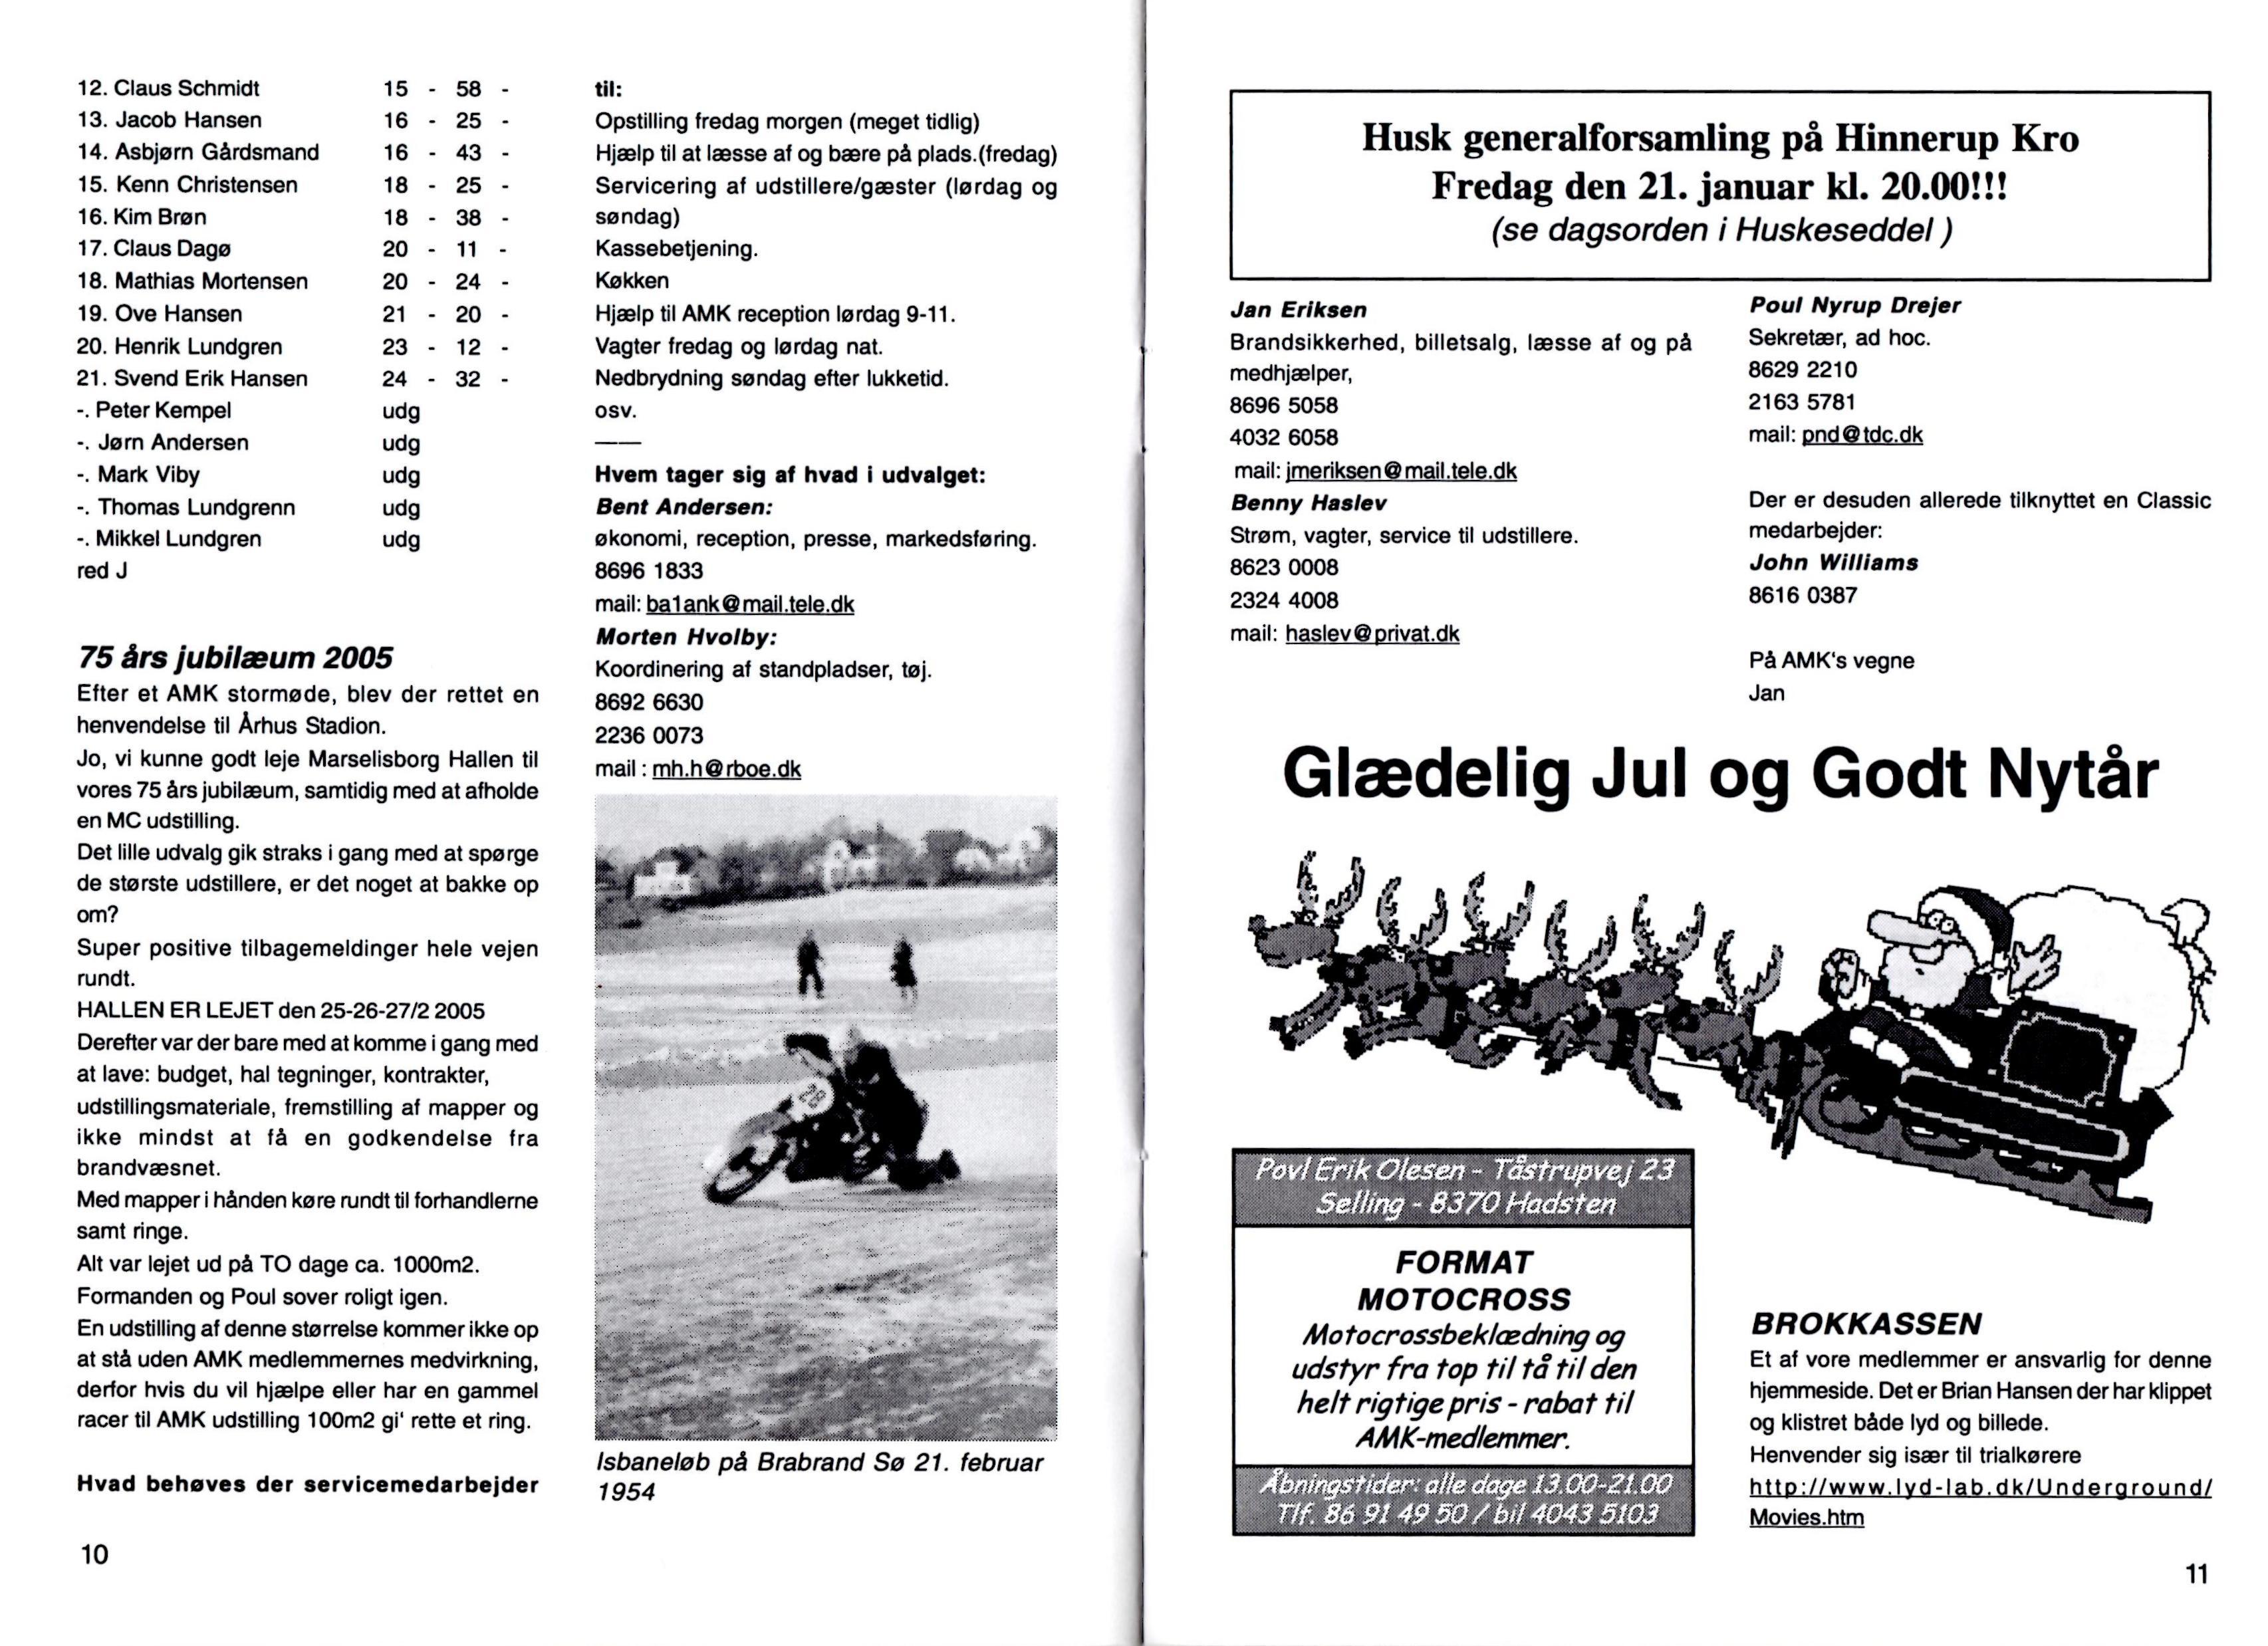 Annoncering af 75 års Jubilæumsarrangementet i klubblad dec. 2004